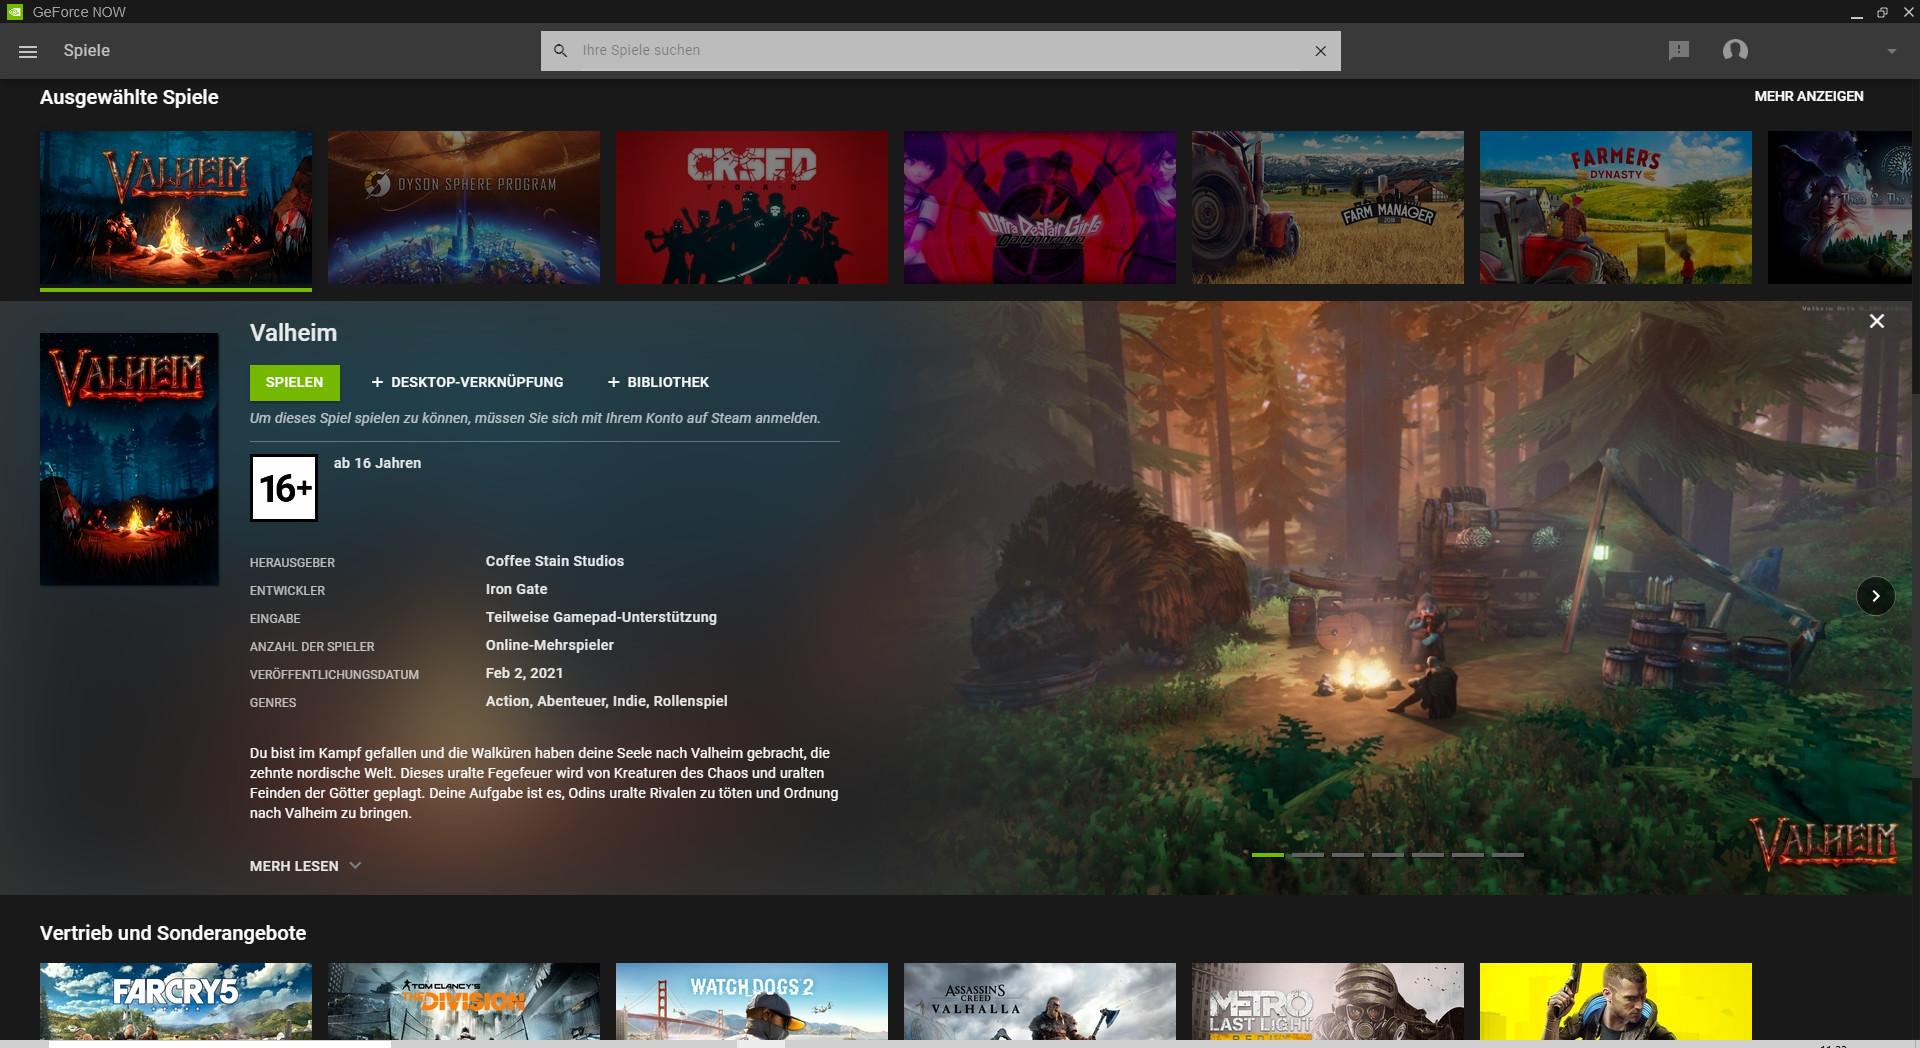 Screenshot 1 - GeForce Now